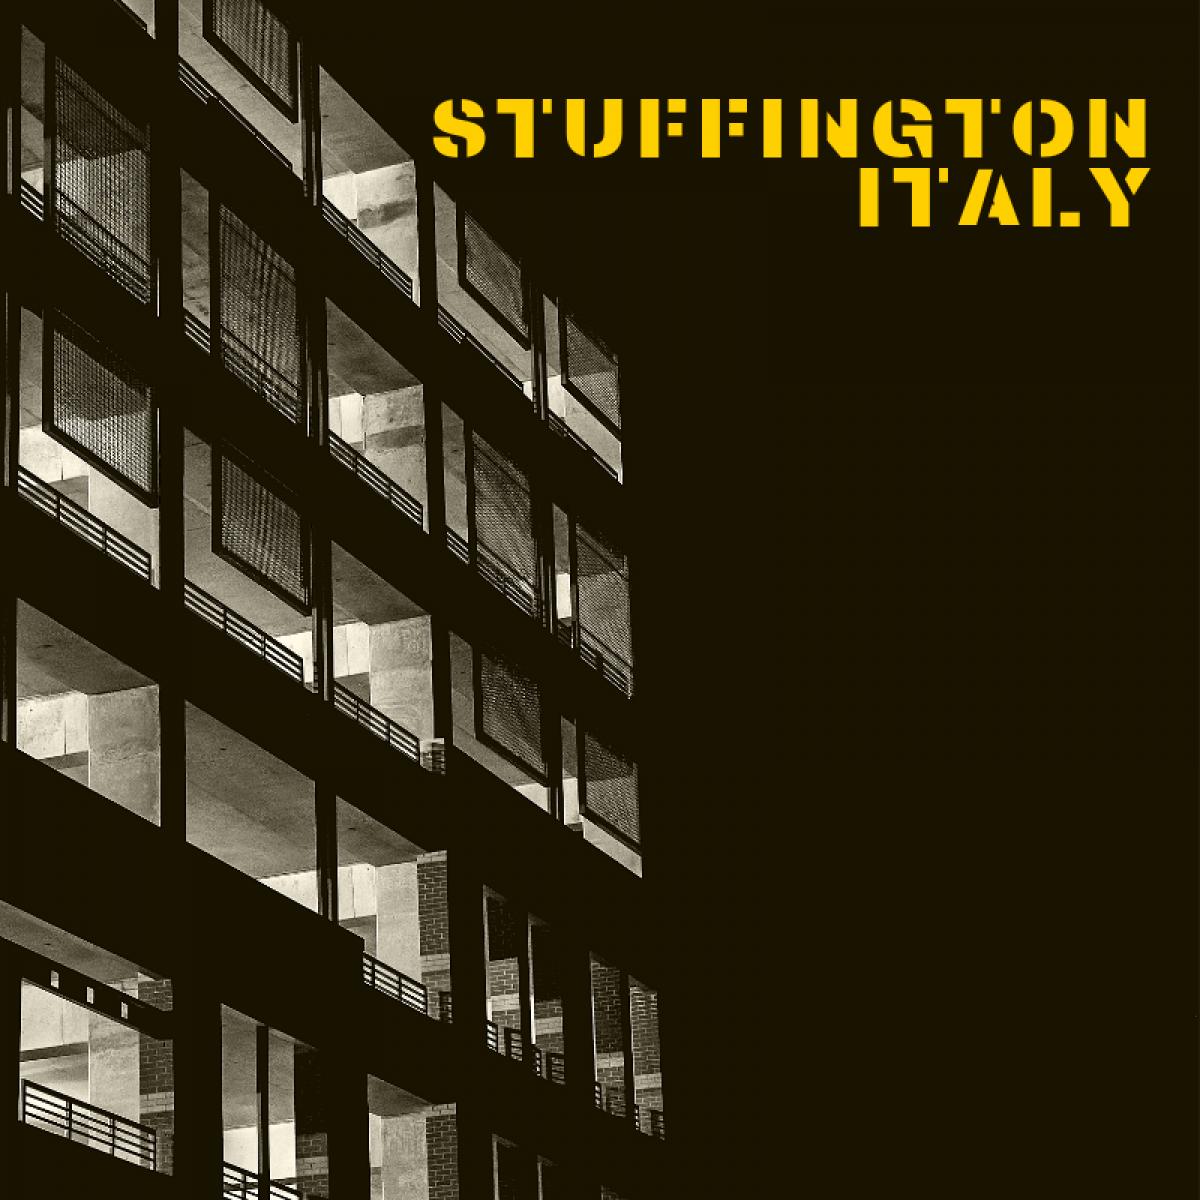 Stuffington Italy